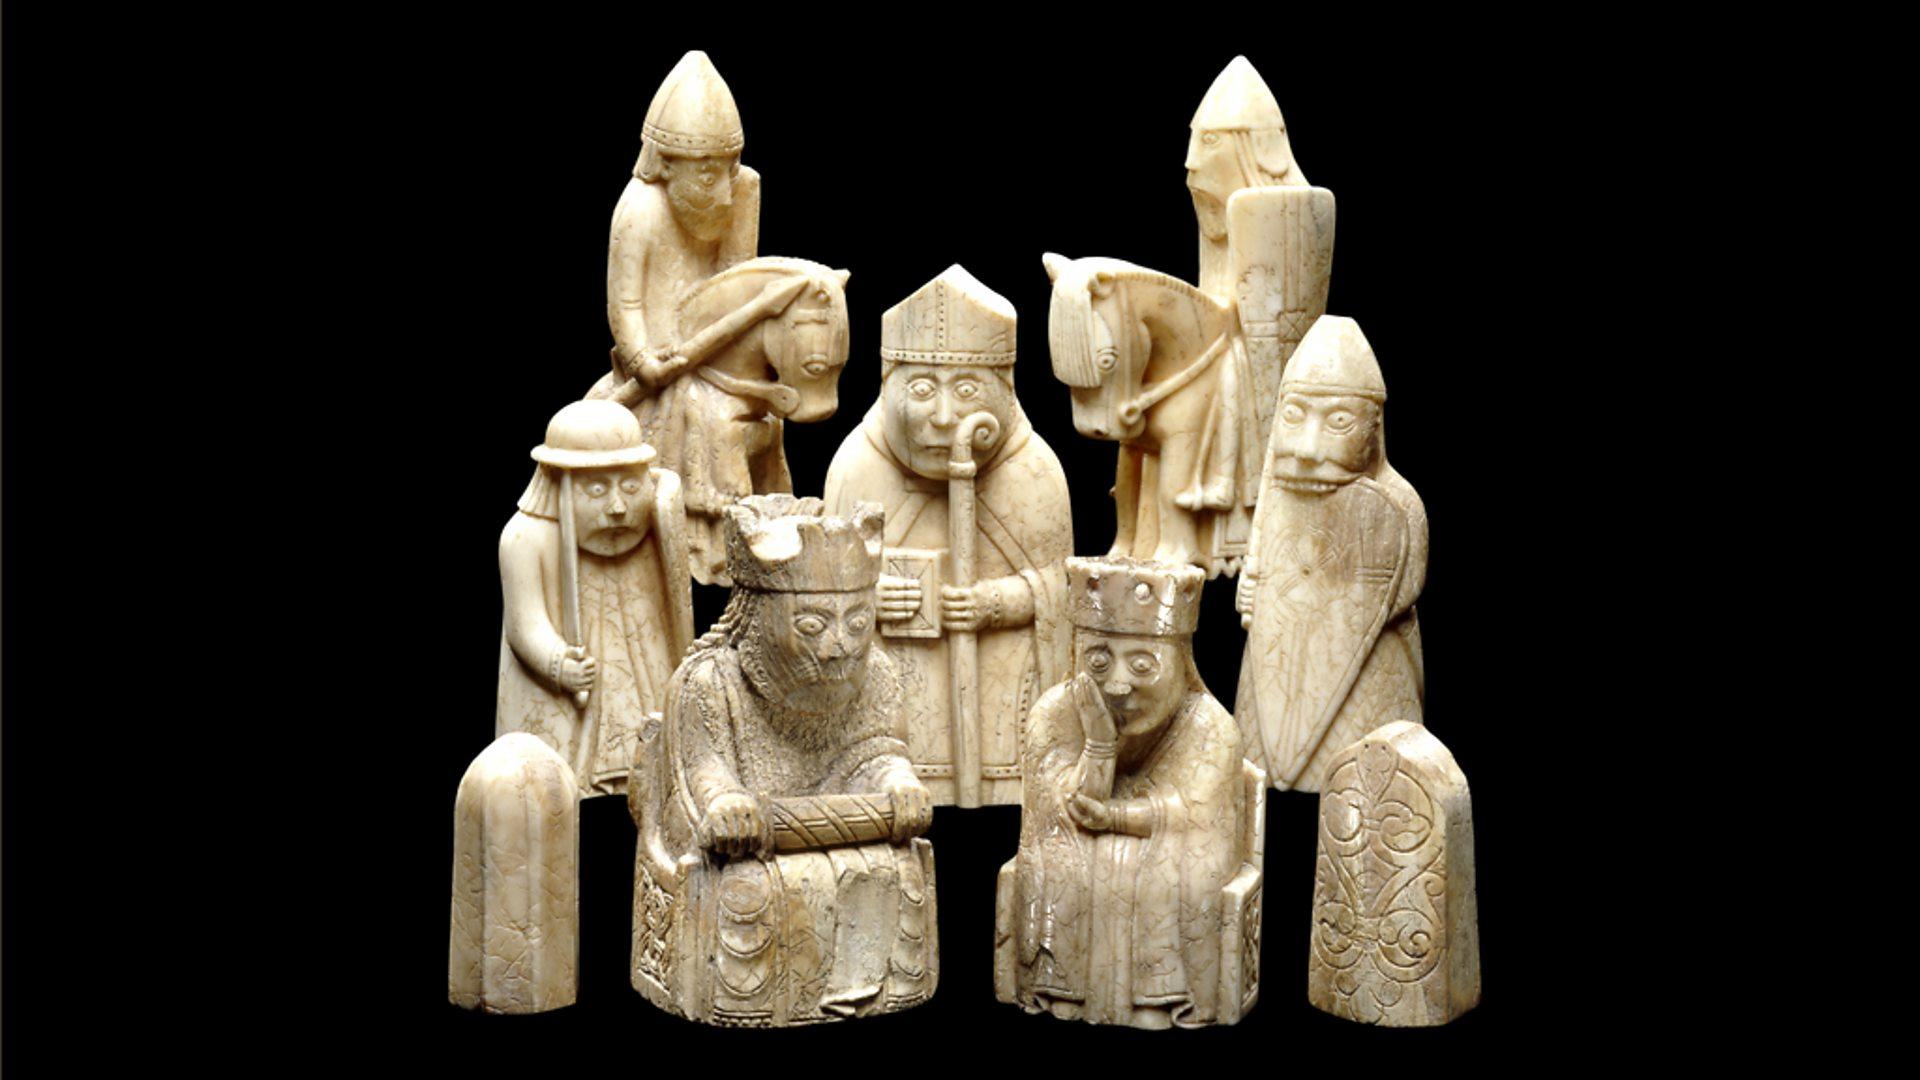 The Lewis Chessmen Porcelain Mug Bordspellen